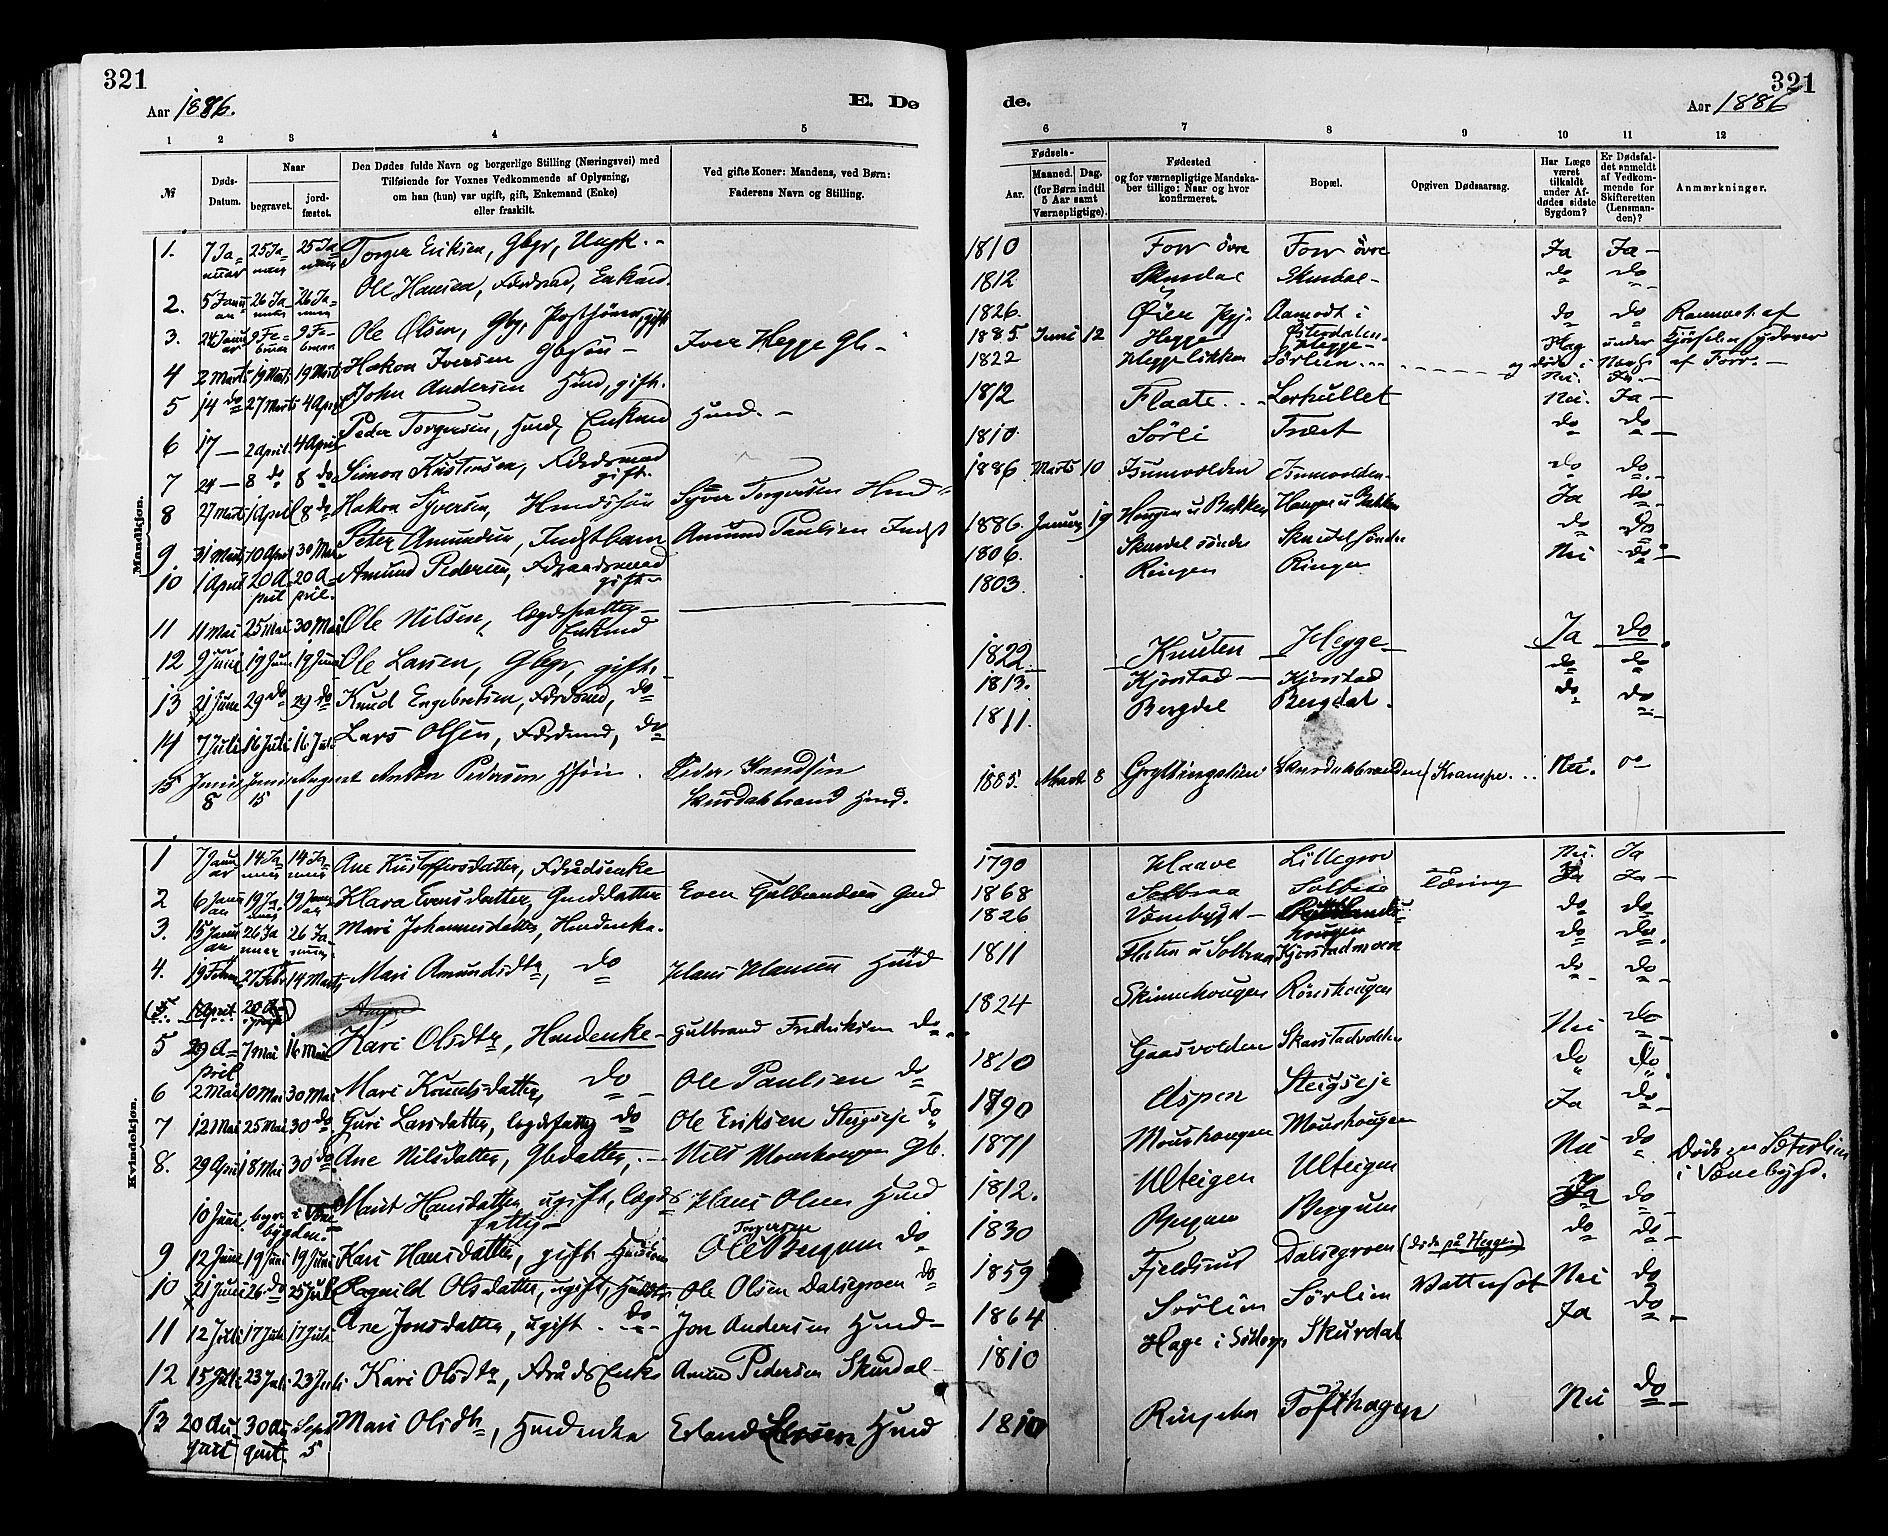 SAH, Sør-Fron prestekontor, H/Ha/Haa/L0003: Ministerialbok nr. 3, 1881-1897, s. 321